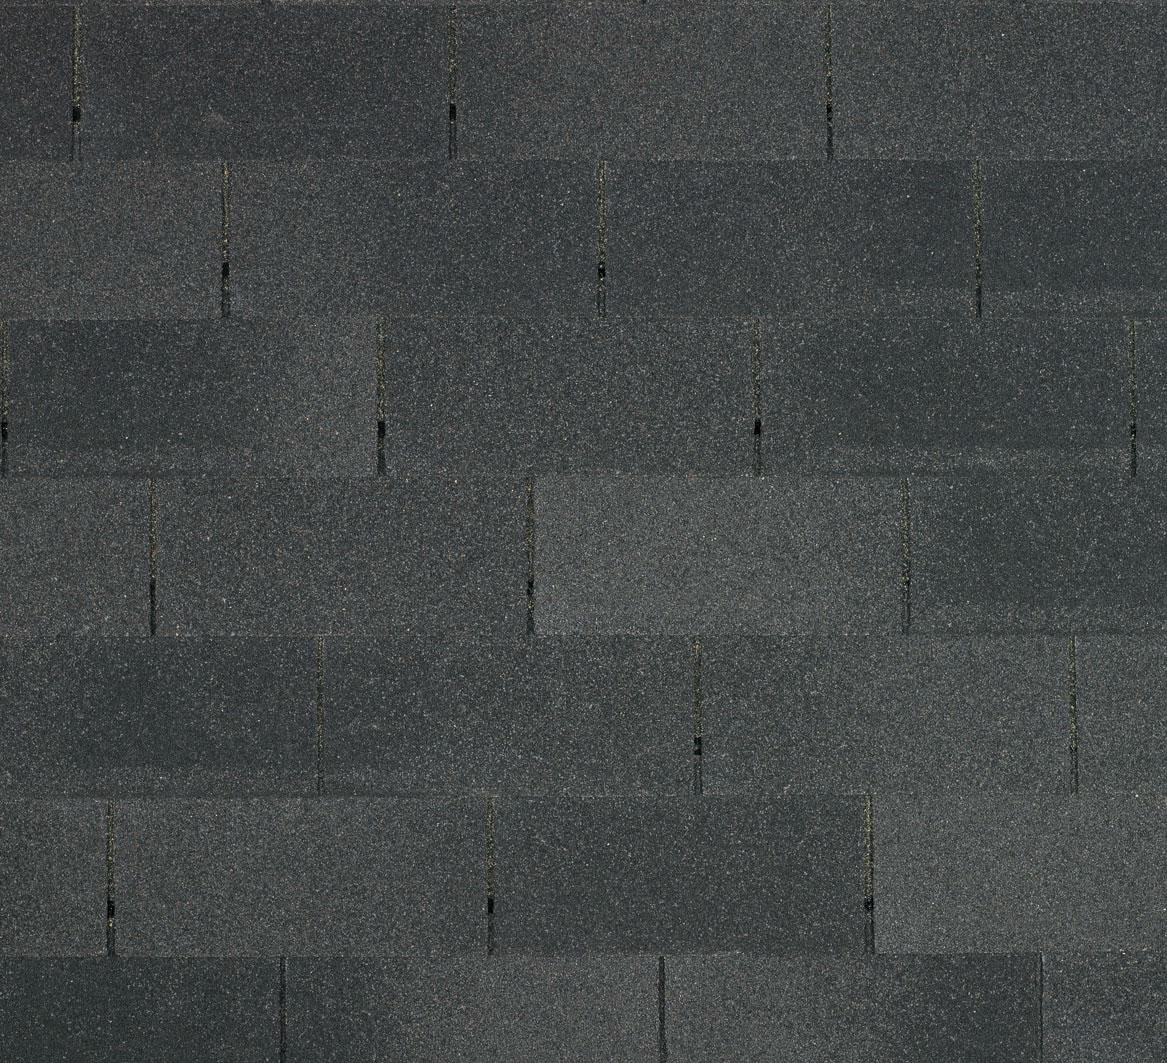 말라키 아스팔트 슁글 듀라씰 미드나잇블랙